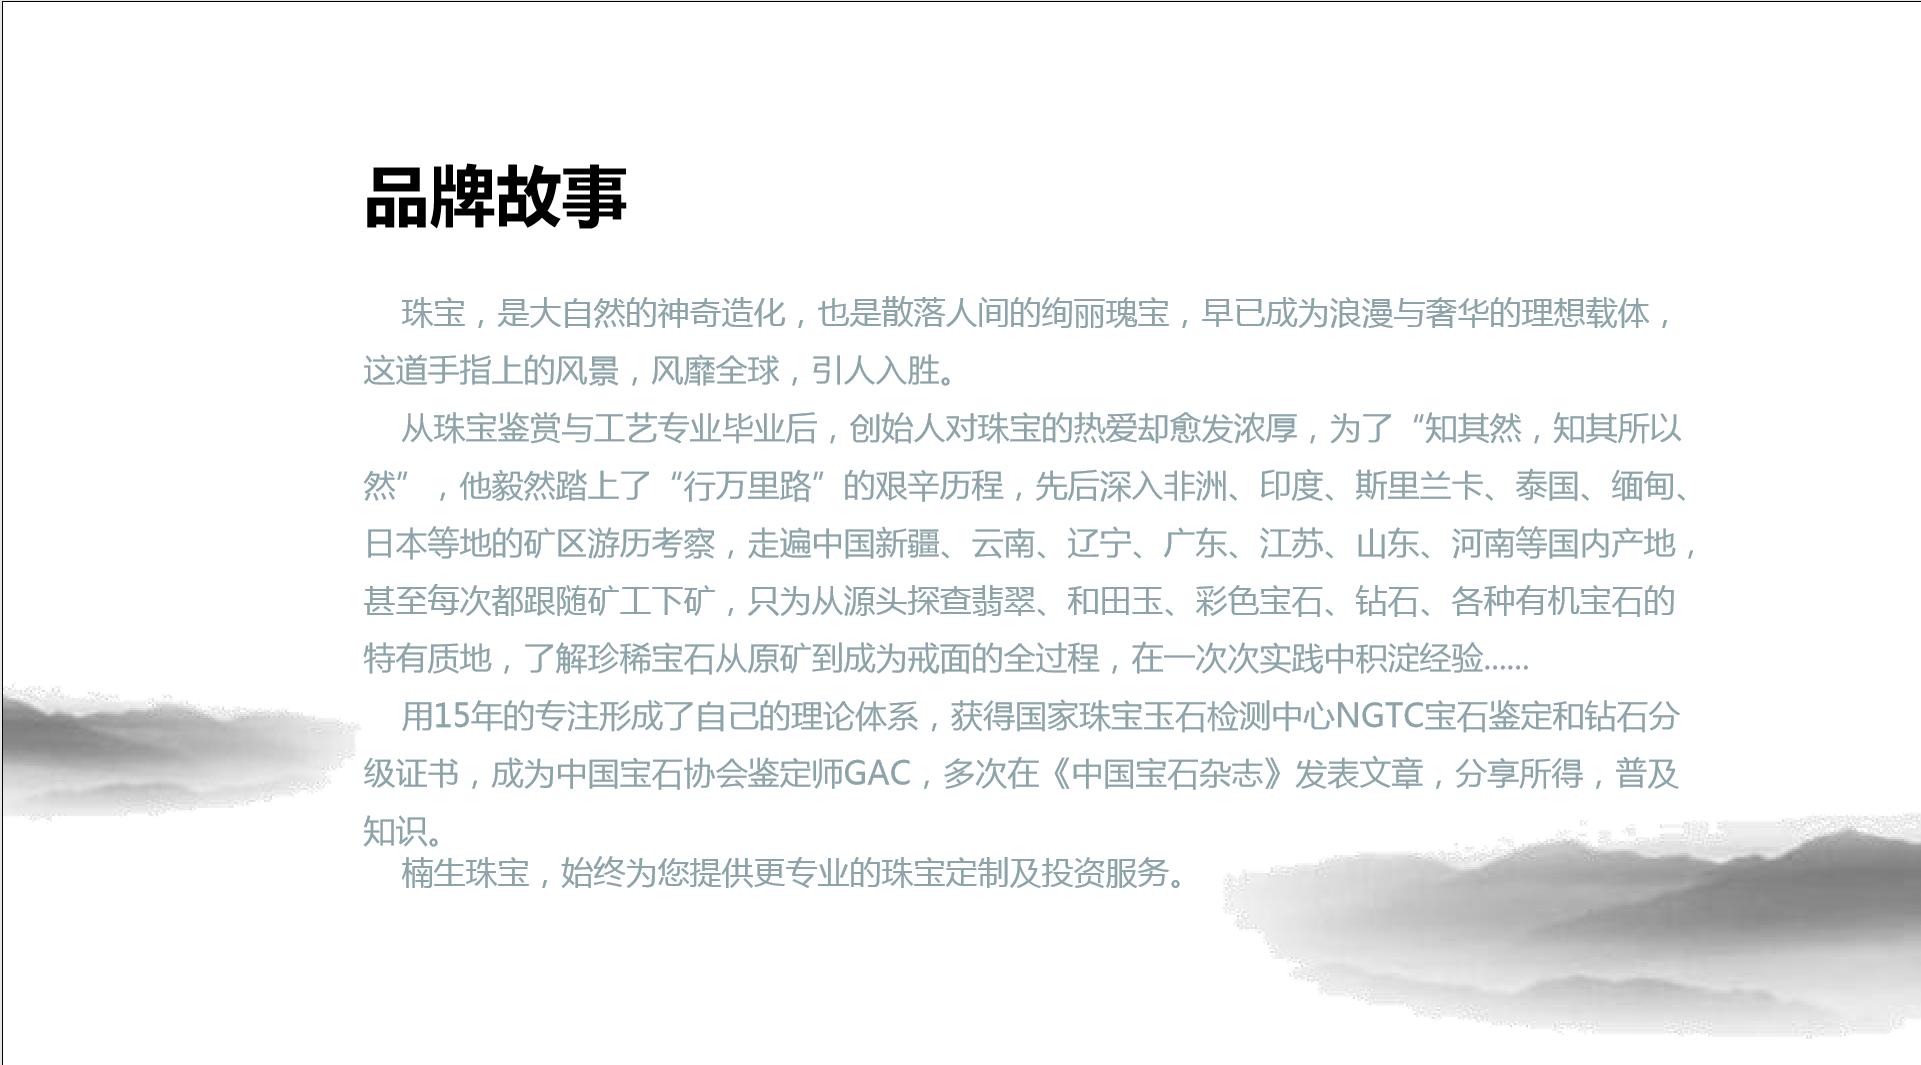 活动海报设计宣传单彩页插画单页平面图片门头贺卡展架广告设计